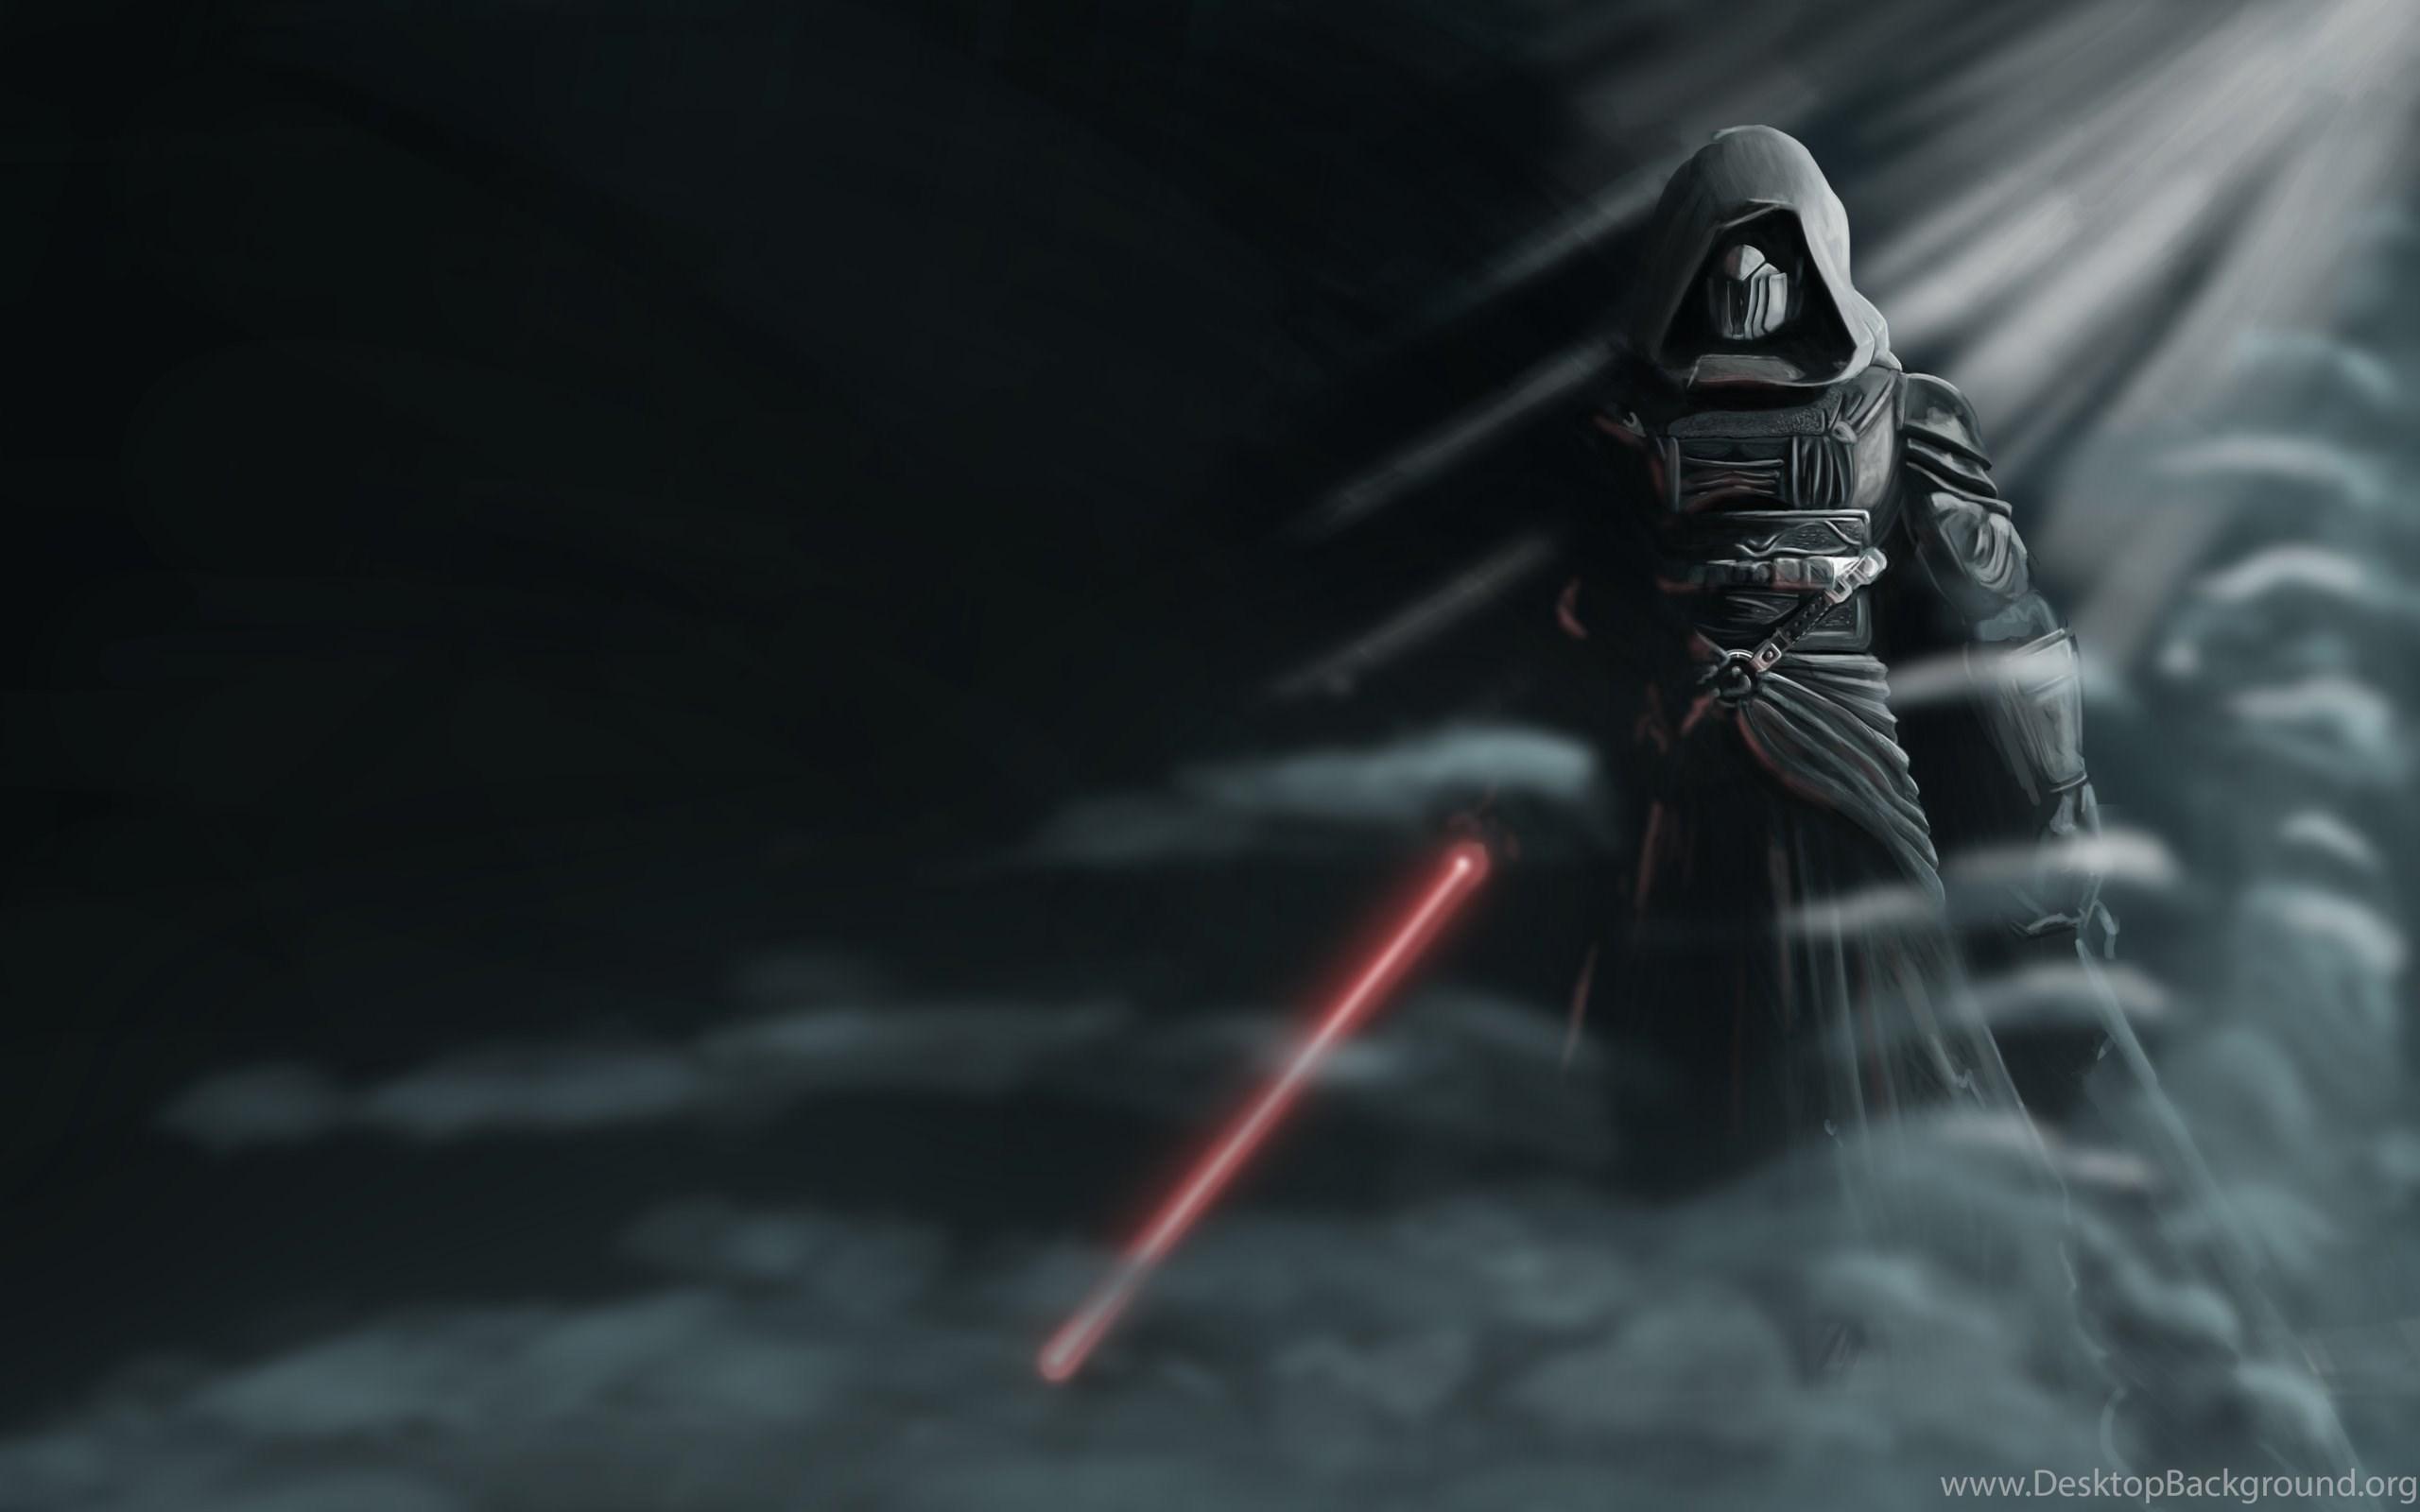 Star Wars Wallpaper Images Best Fullwidehd Com Desktop Background